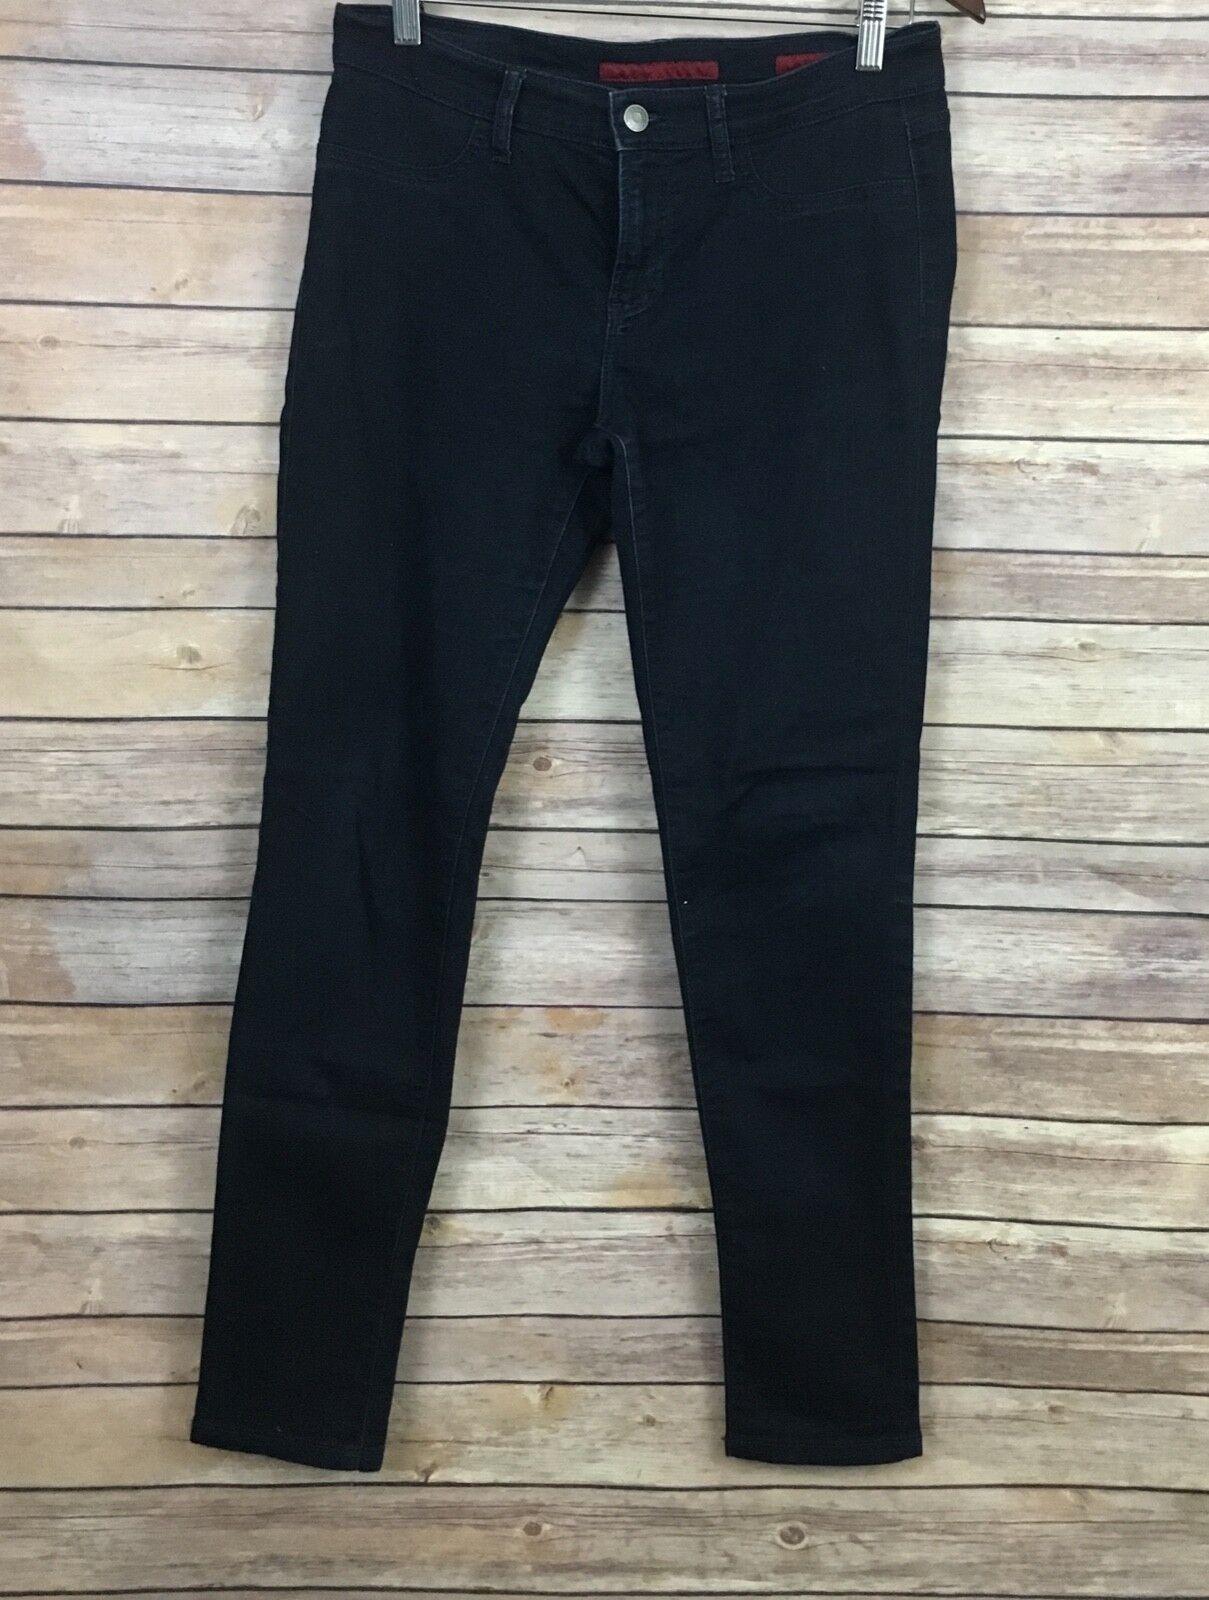 Banana Republic Skinny Jeans (Size 8)